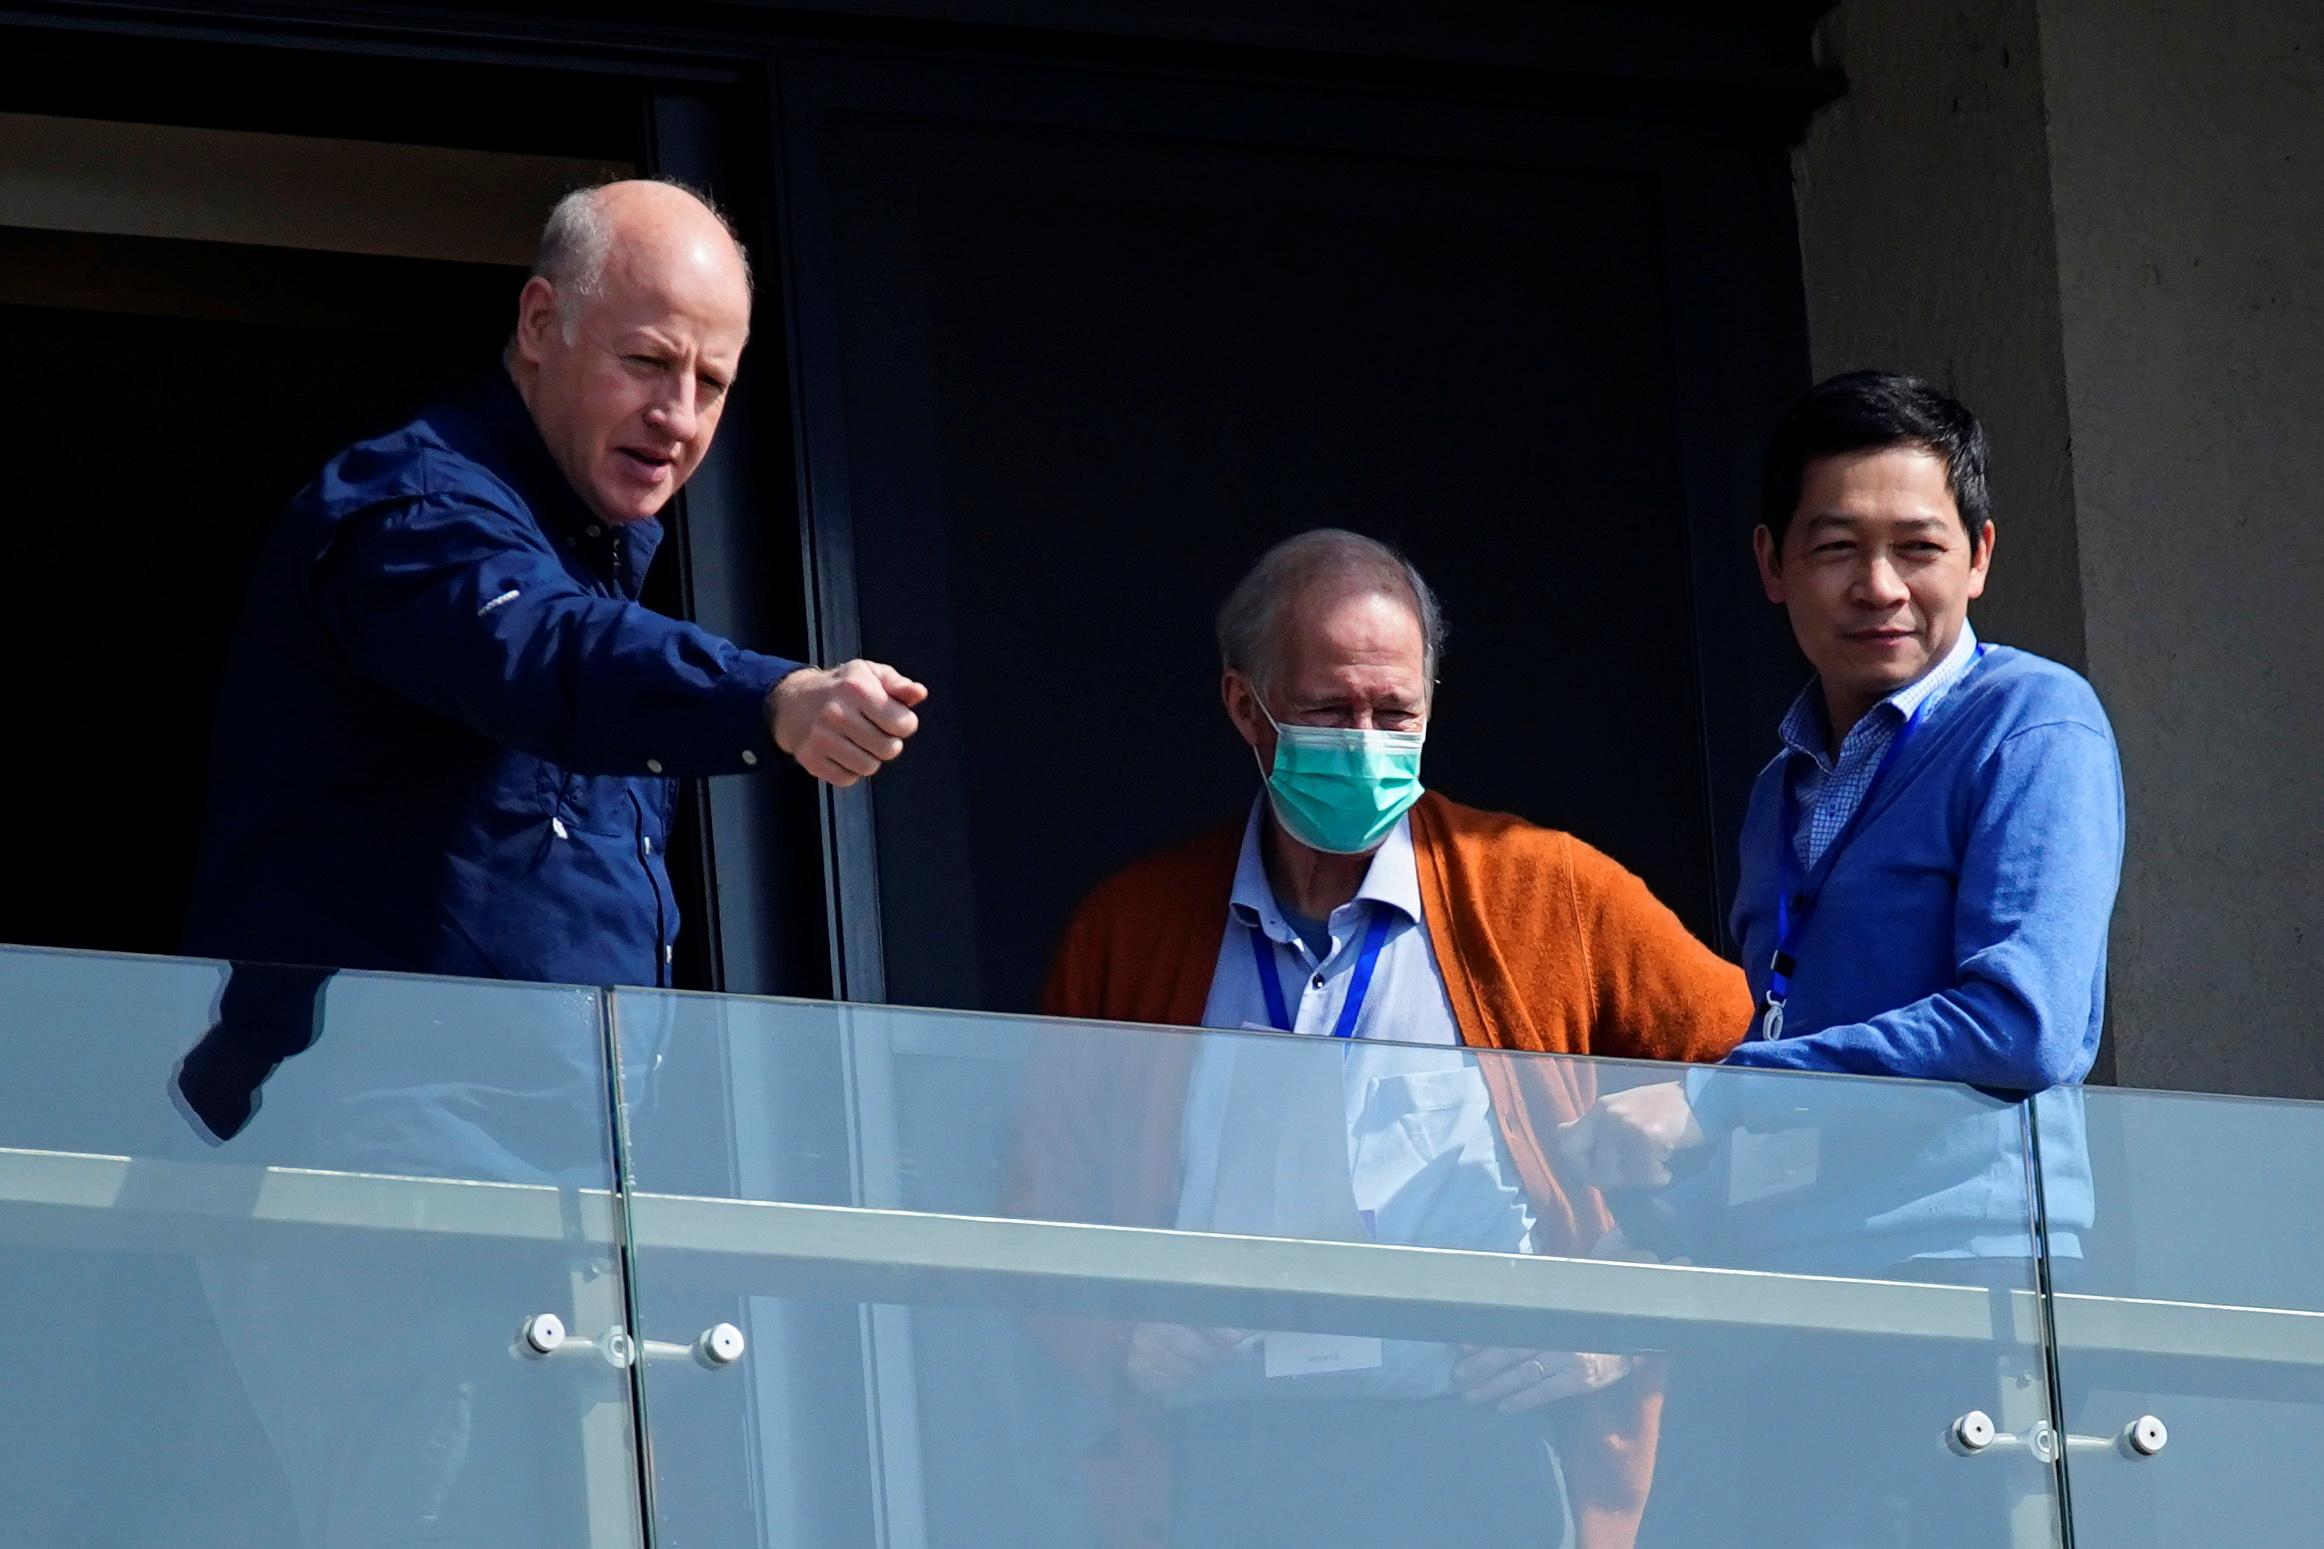 वर्ल्ड हेल्थ ऑर्गेनाइजेशन की एक टीम चीन के वुहान पहुंची है। यह कोरोना के ओरिजिन का पता लगा रही है।